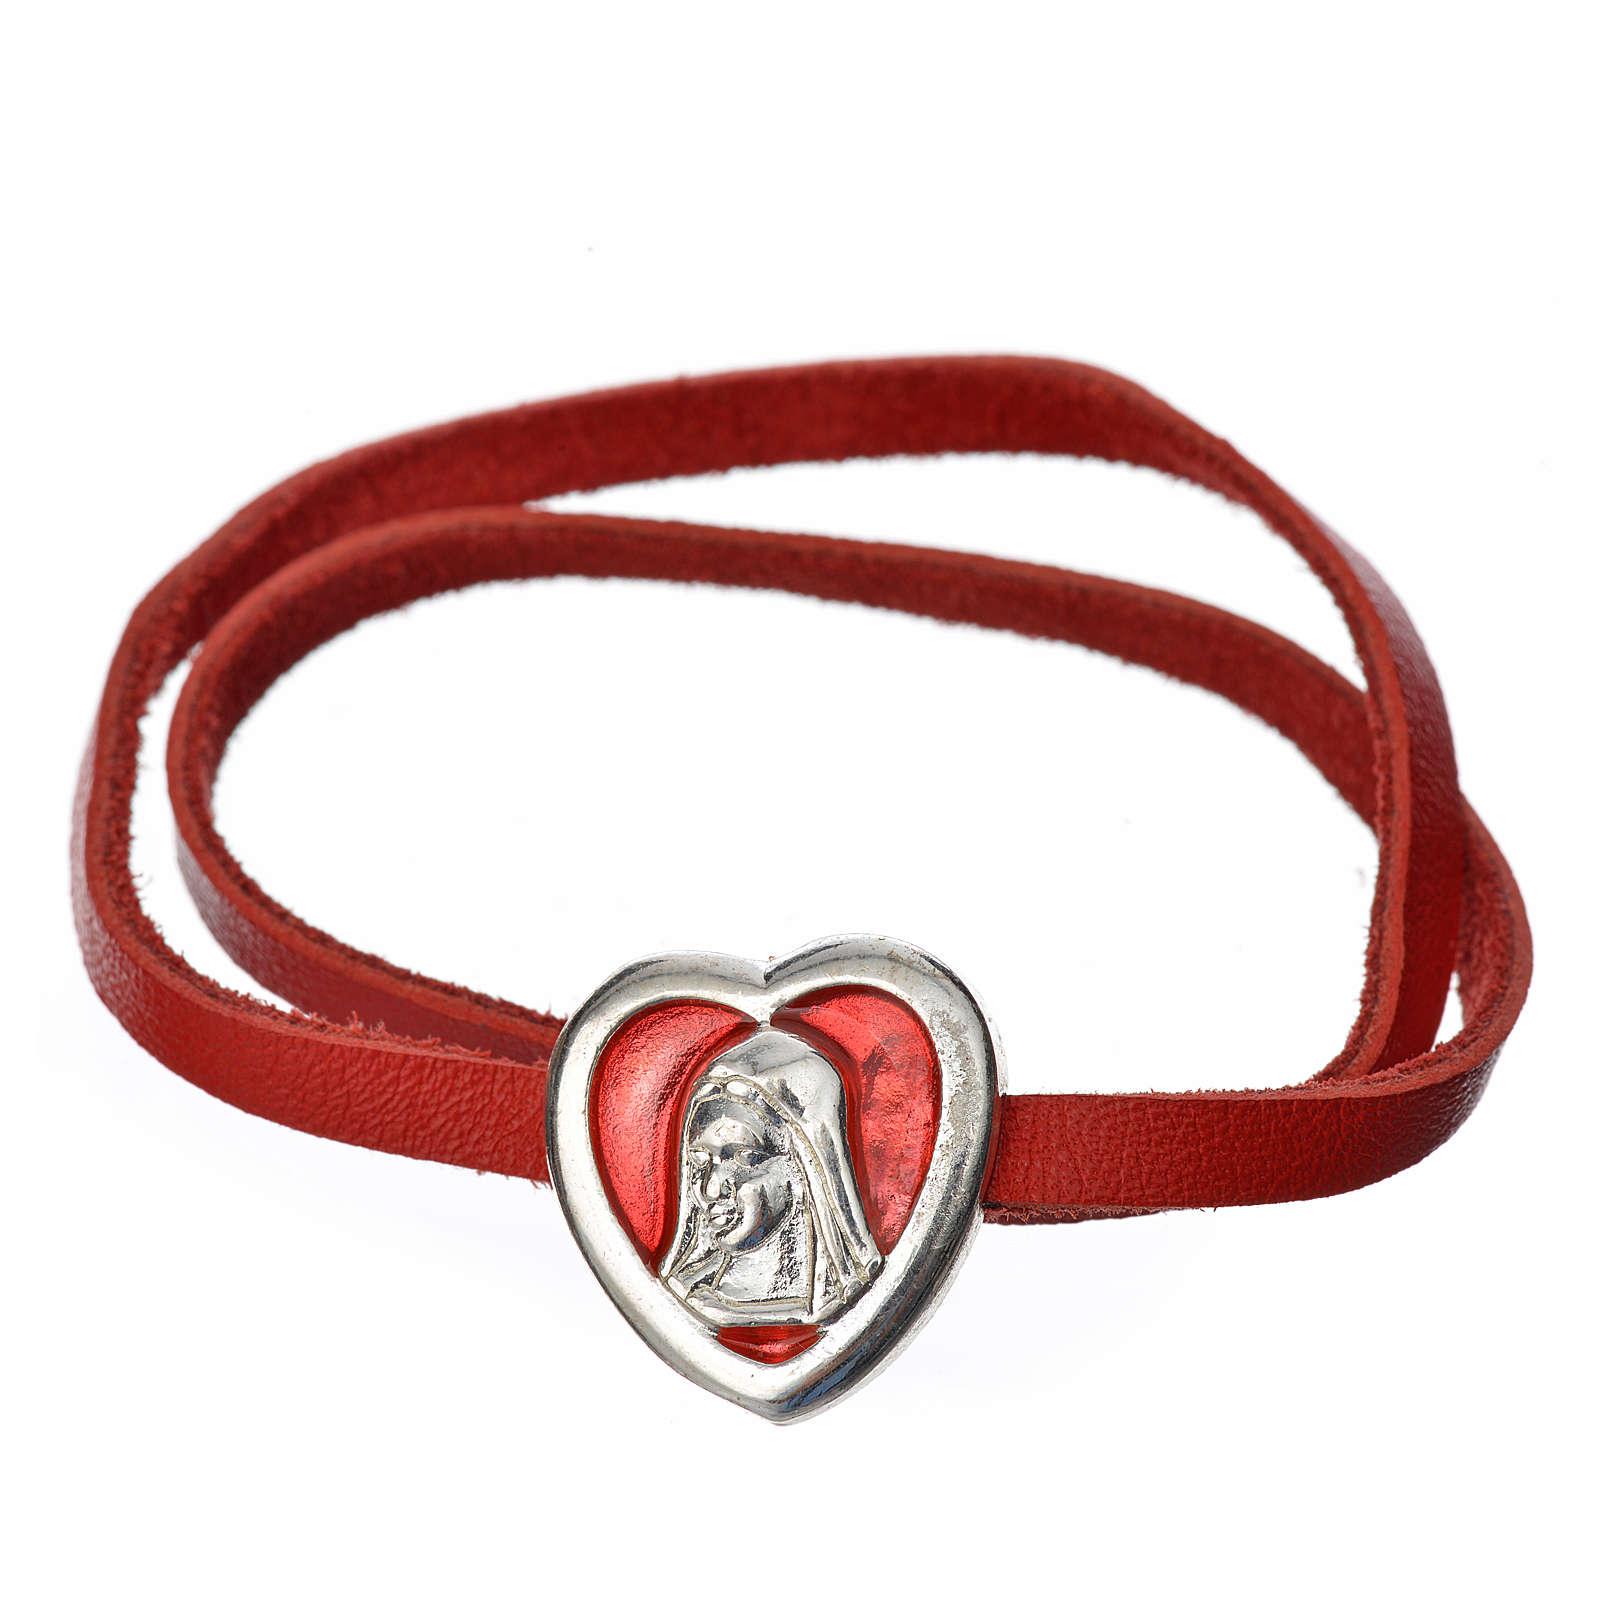 Ras-de-cou image Vierge Marie cuir rouge 4